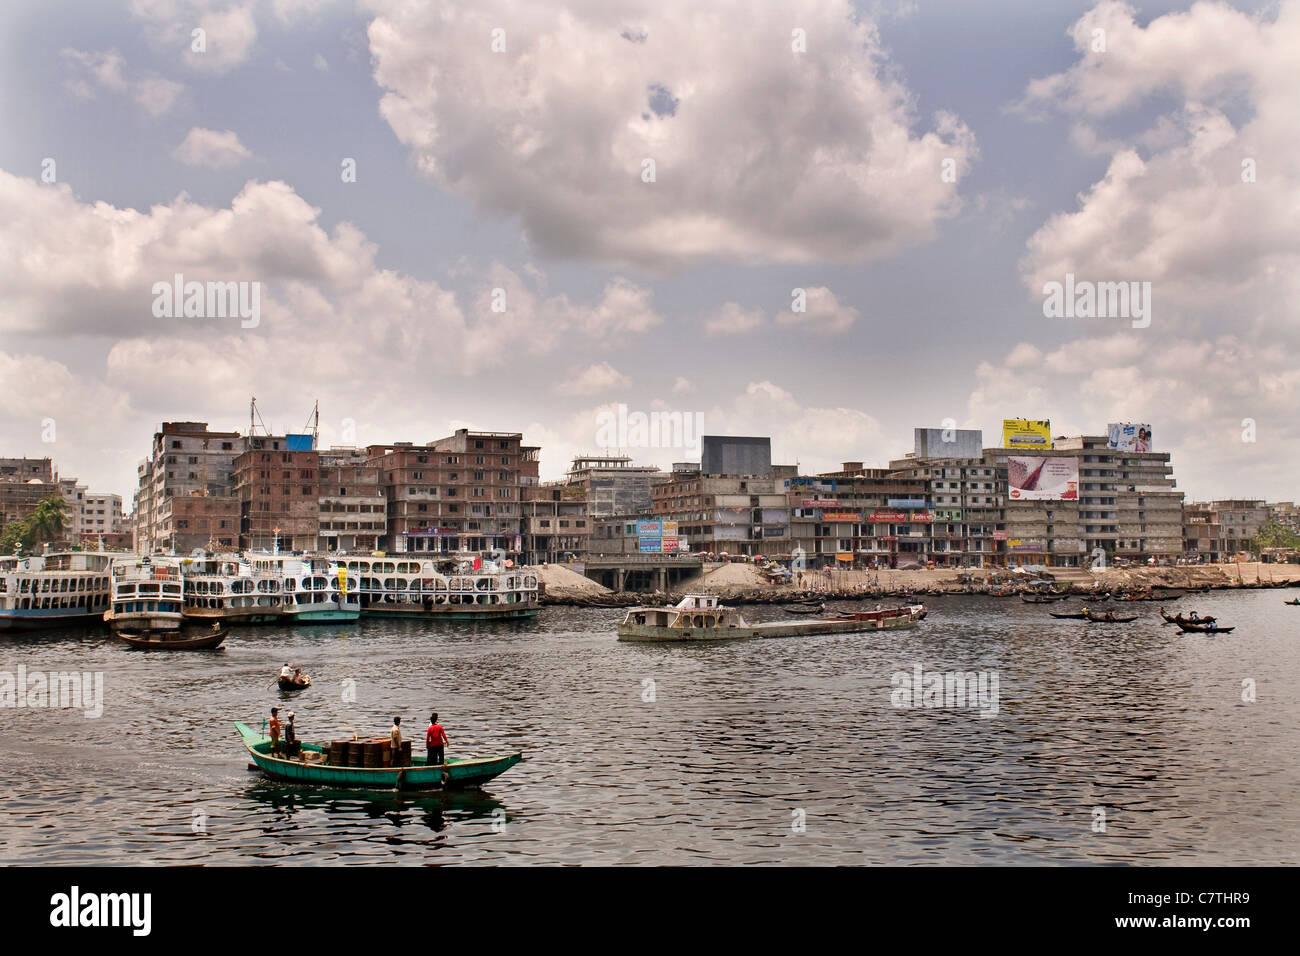 Bangladesh, Dhaka, the harbour - Stock Image